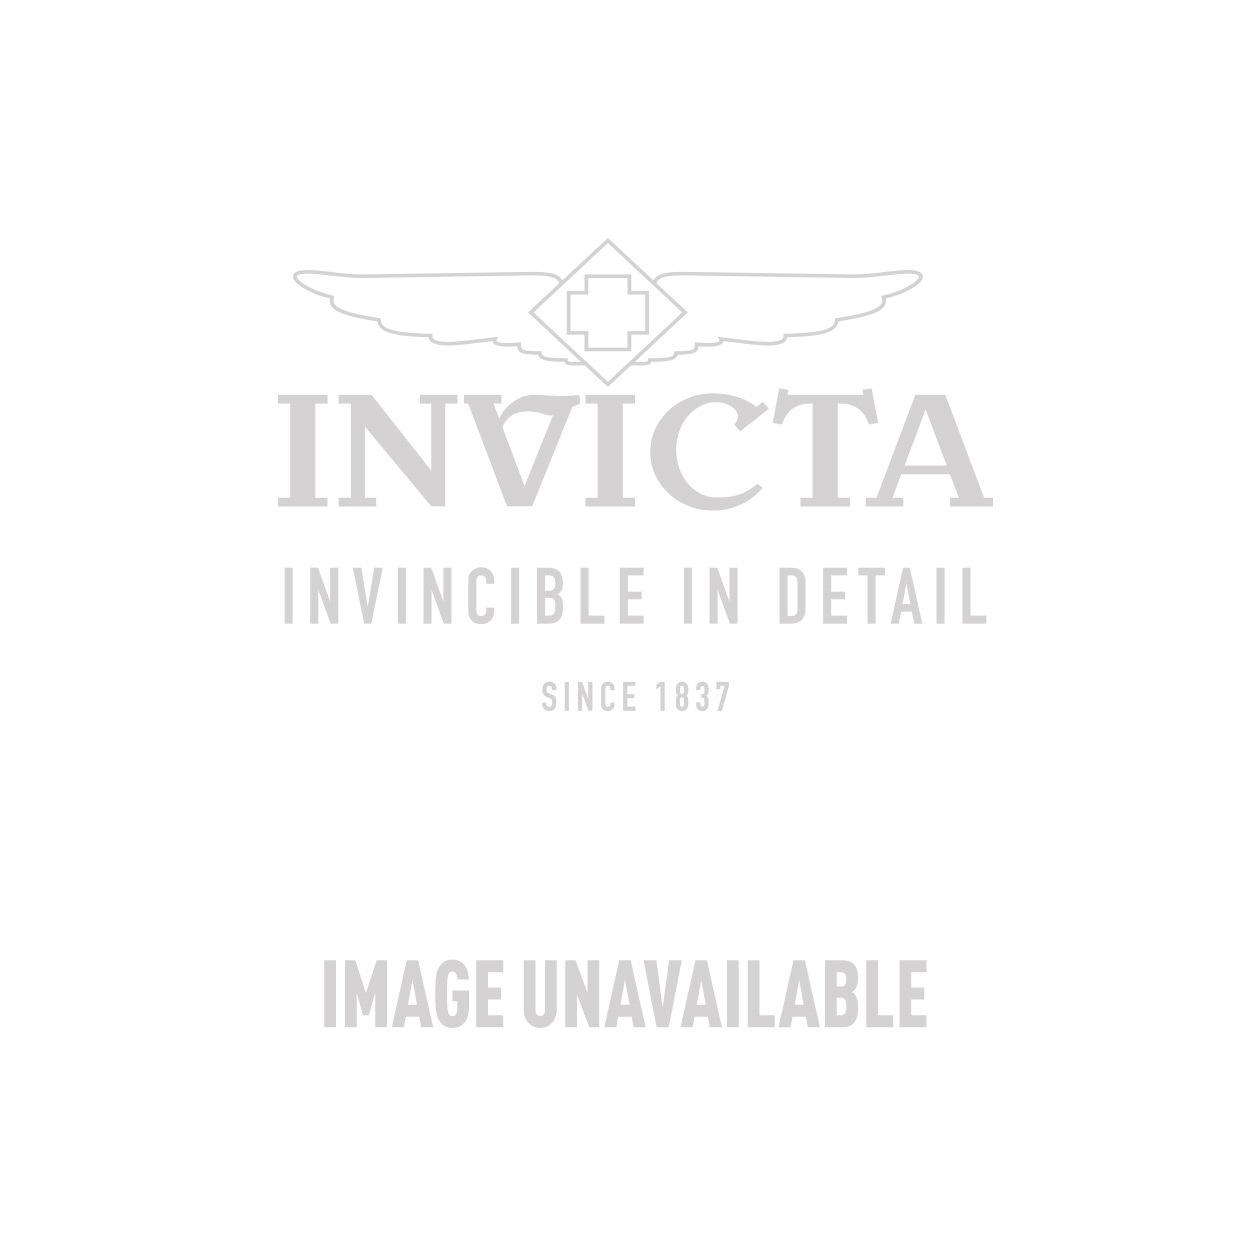 Invicta Model 24728